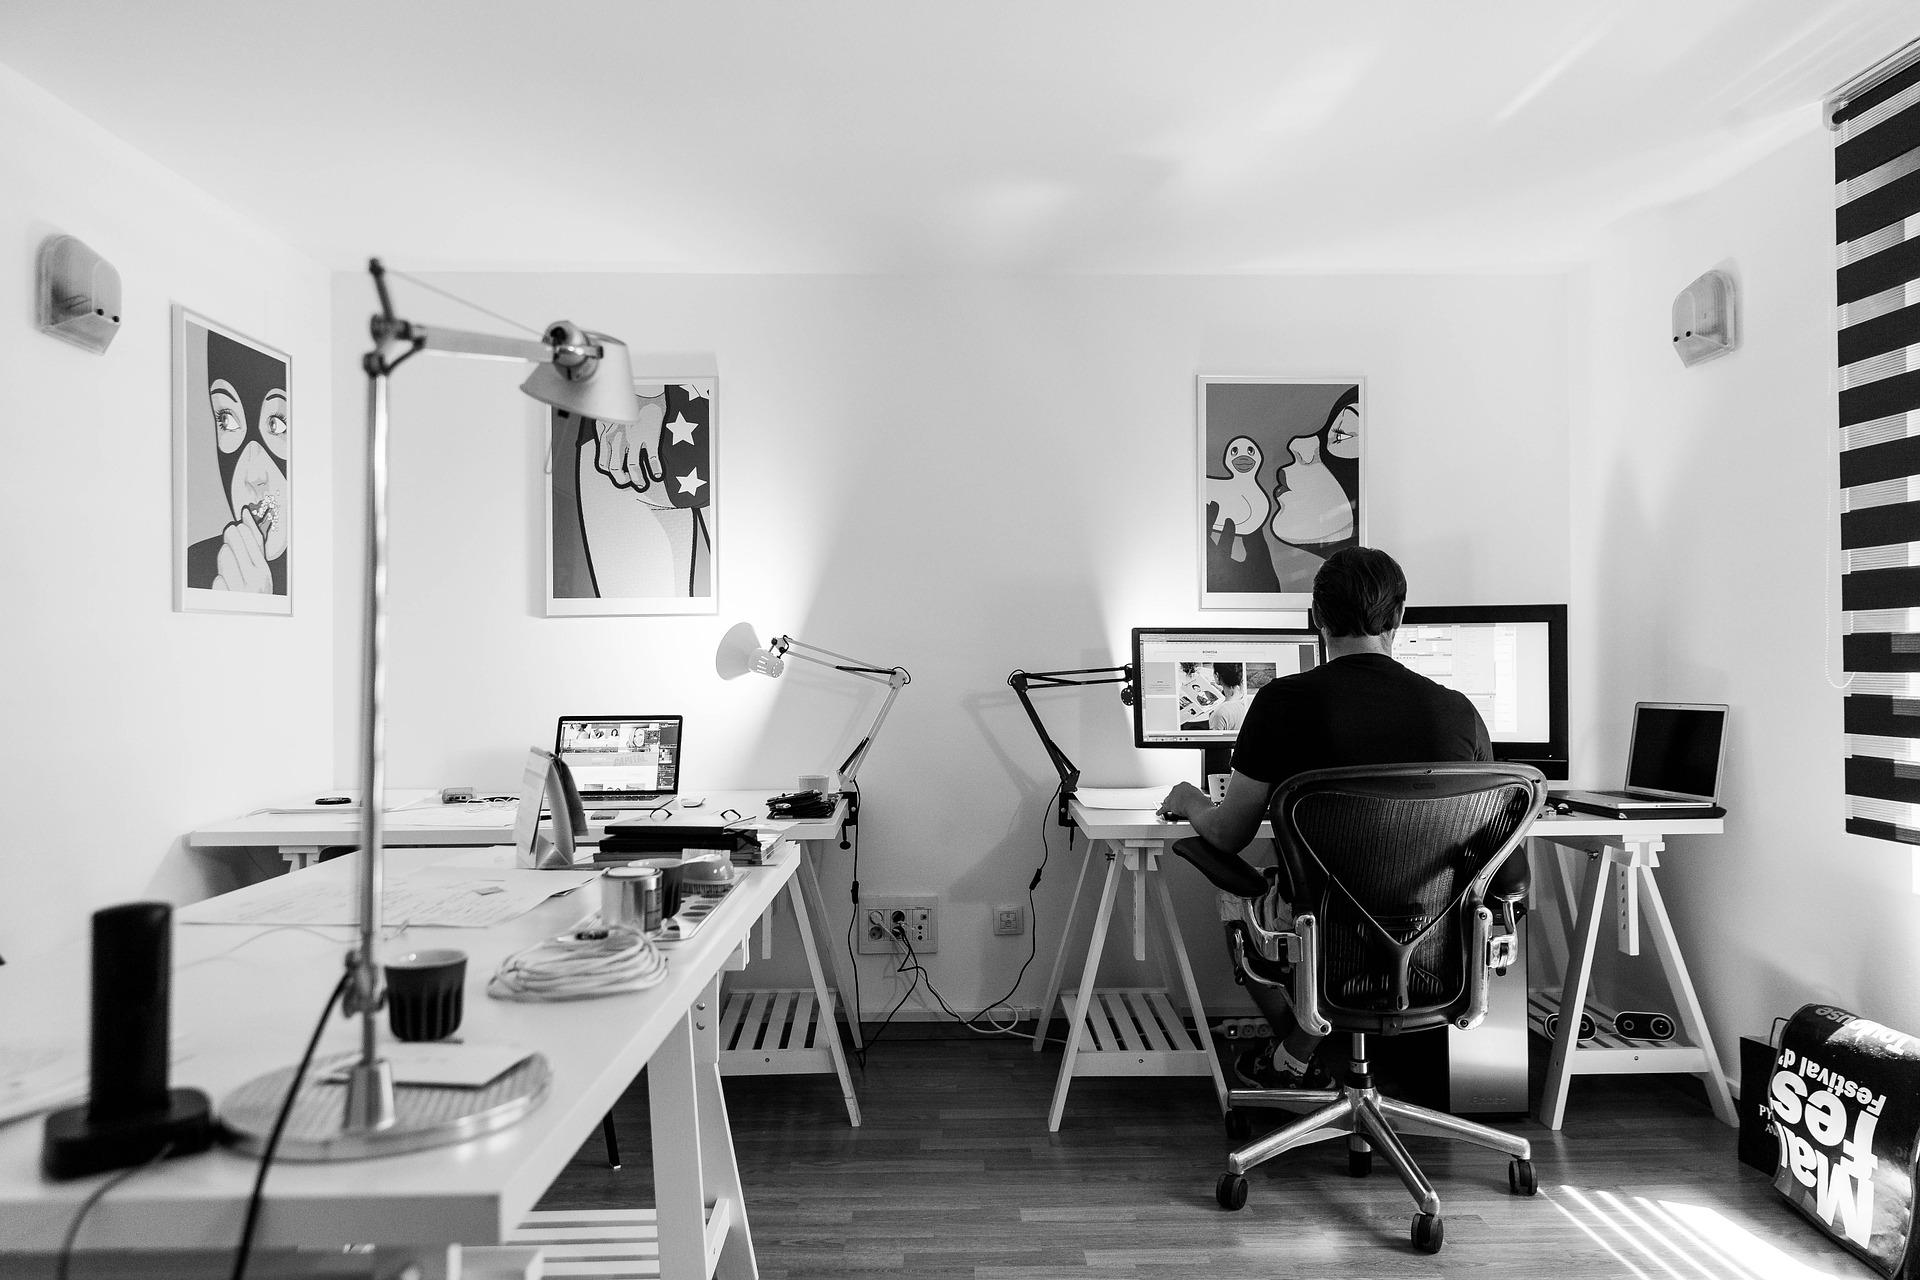 アトリエで絵を描いている男性の白黒写真